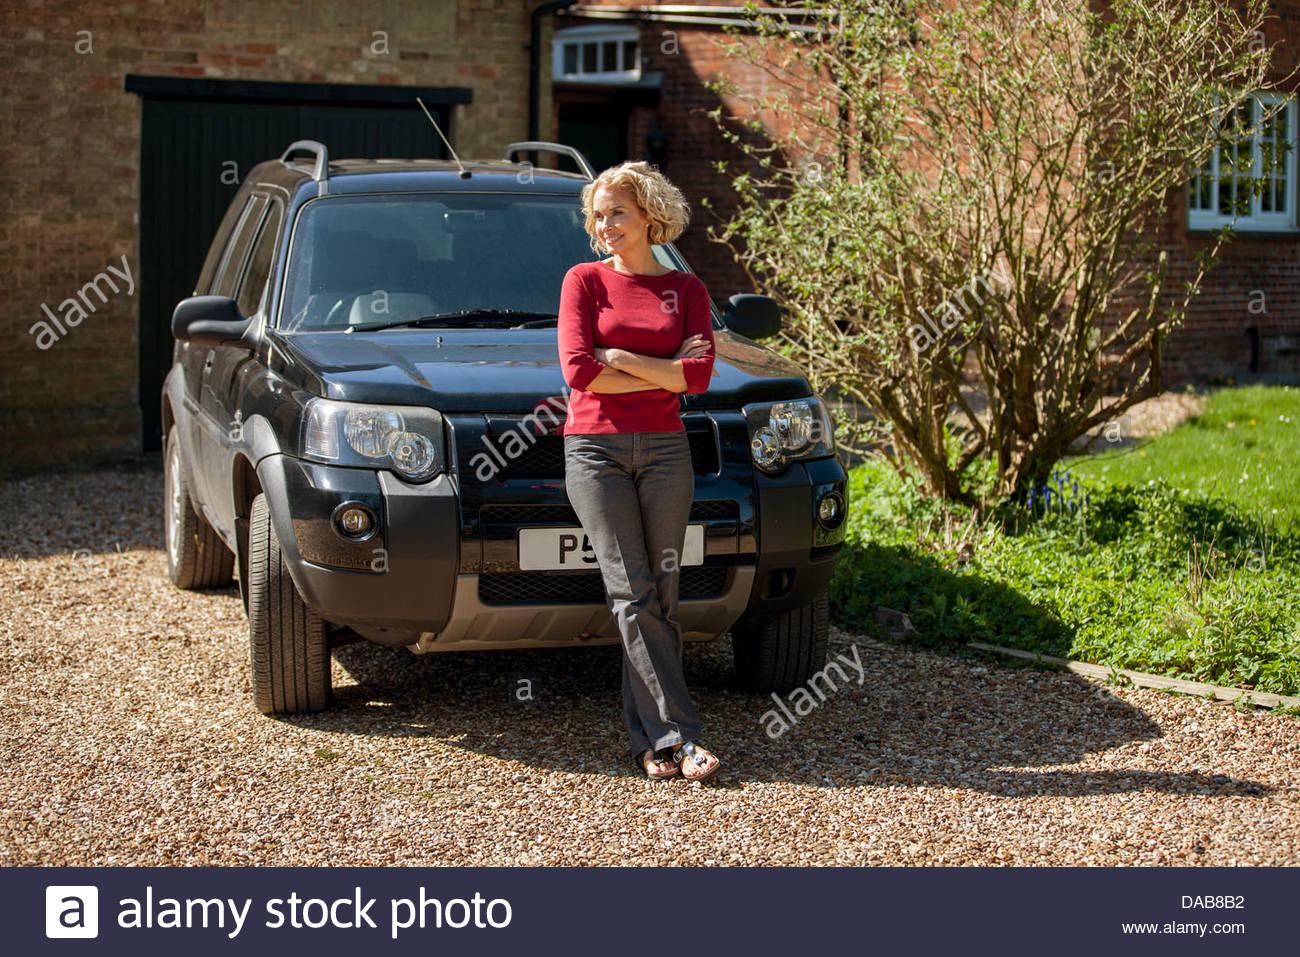 Une femme mature, debout devant une voiture à l'allée d'une maison Photo Stock